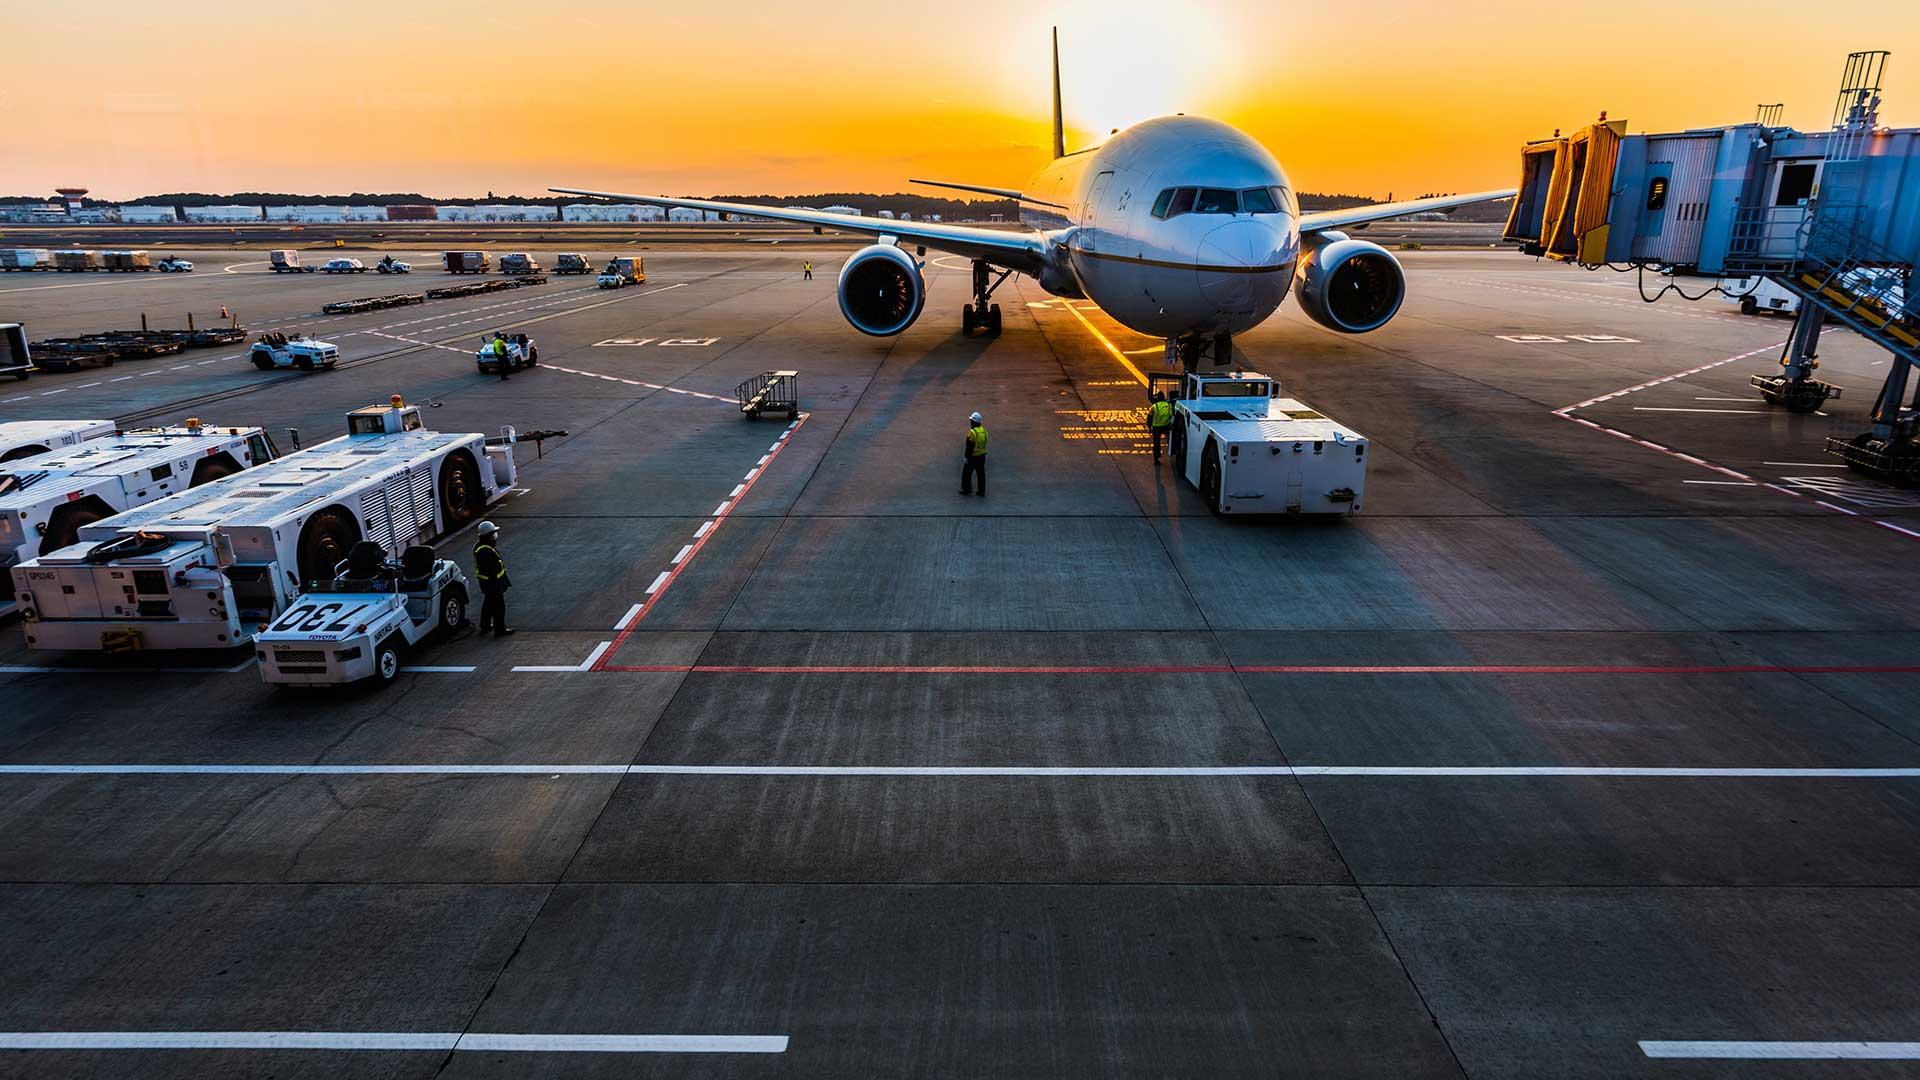 NCC per aeroporto Italia